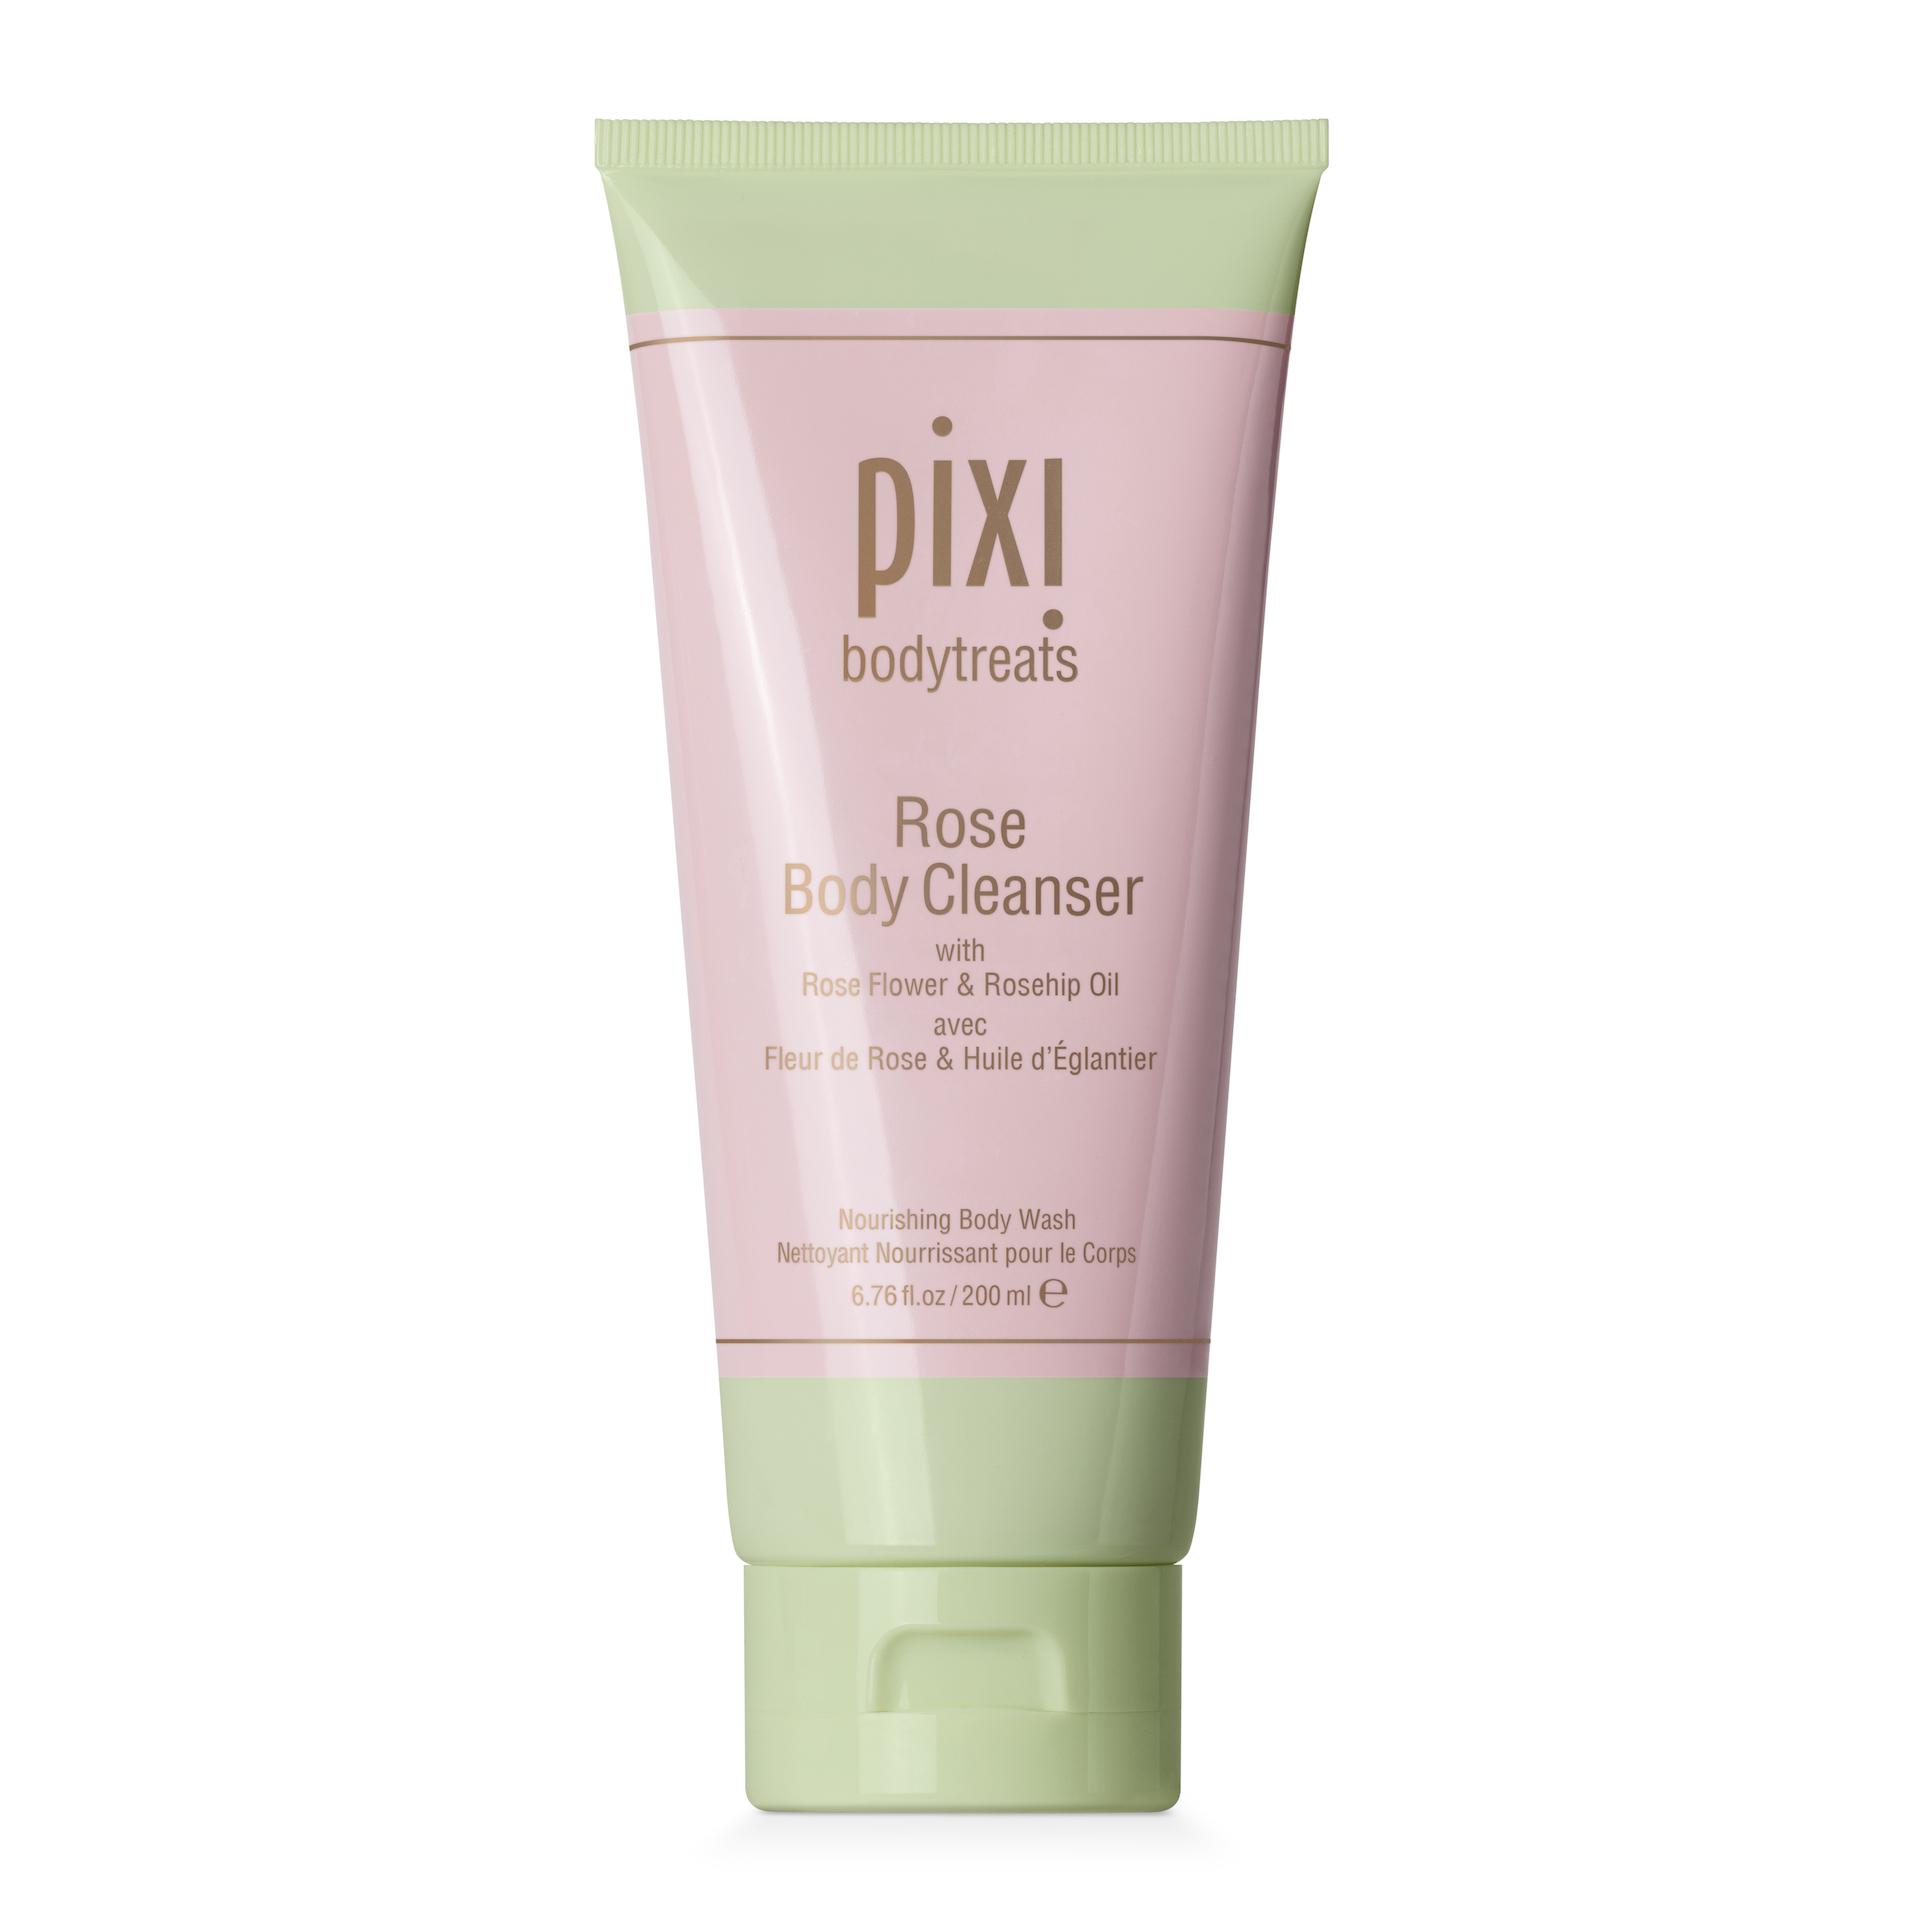 Rose Body Cleanser Shower Gel 200ml